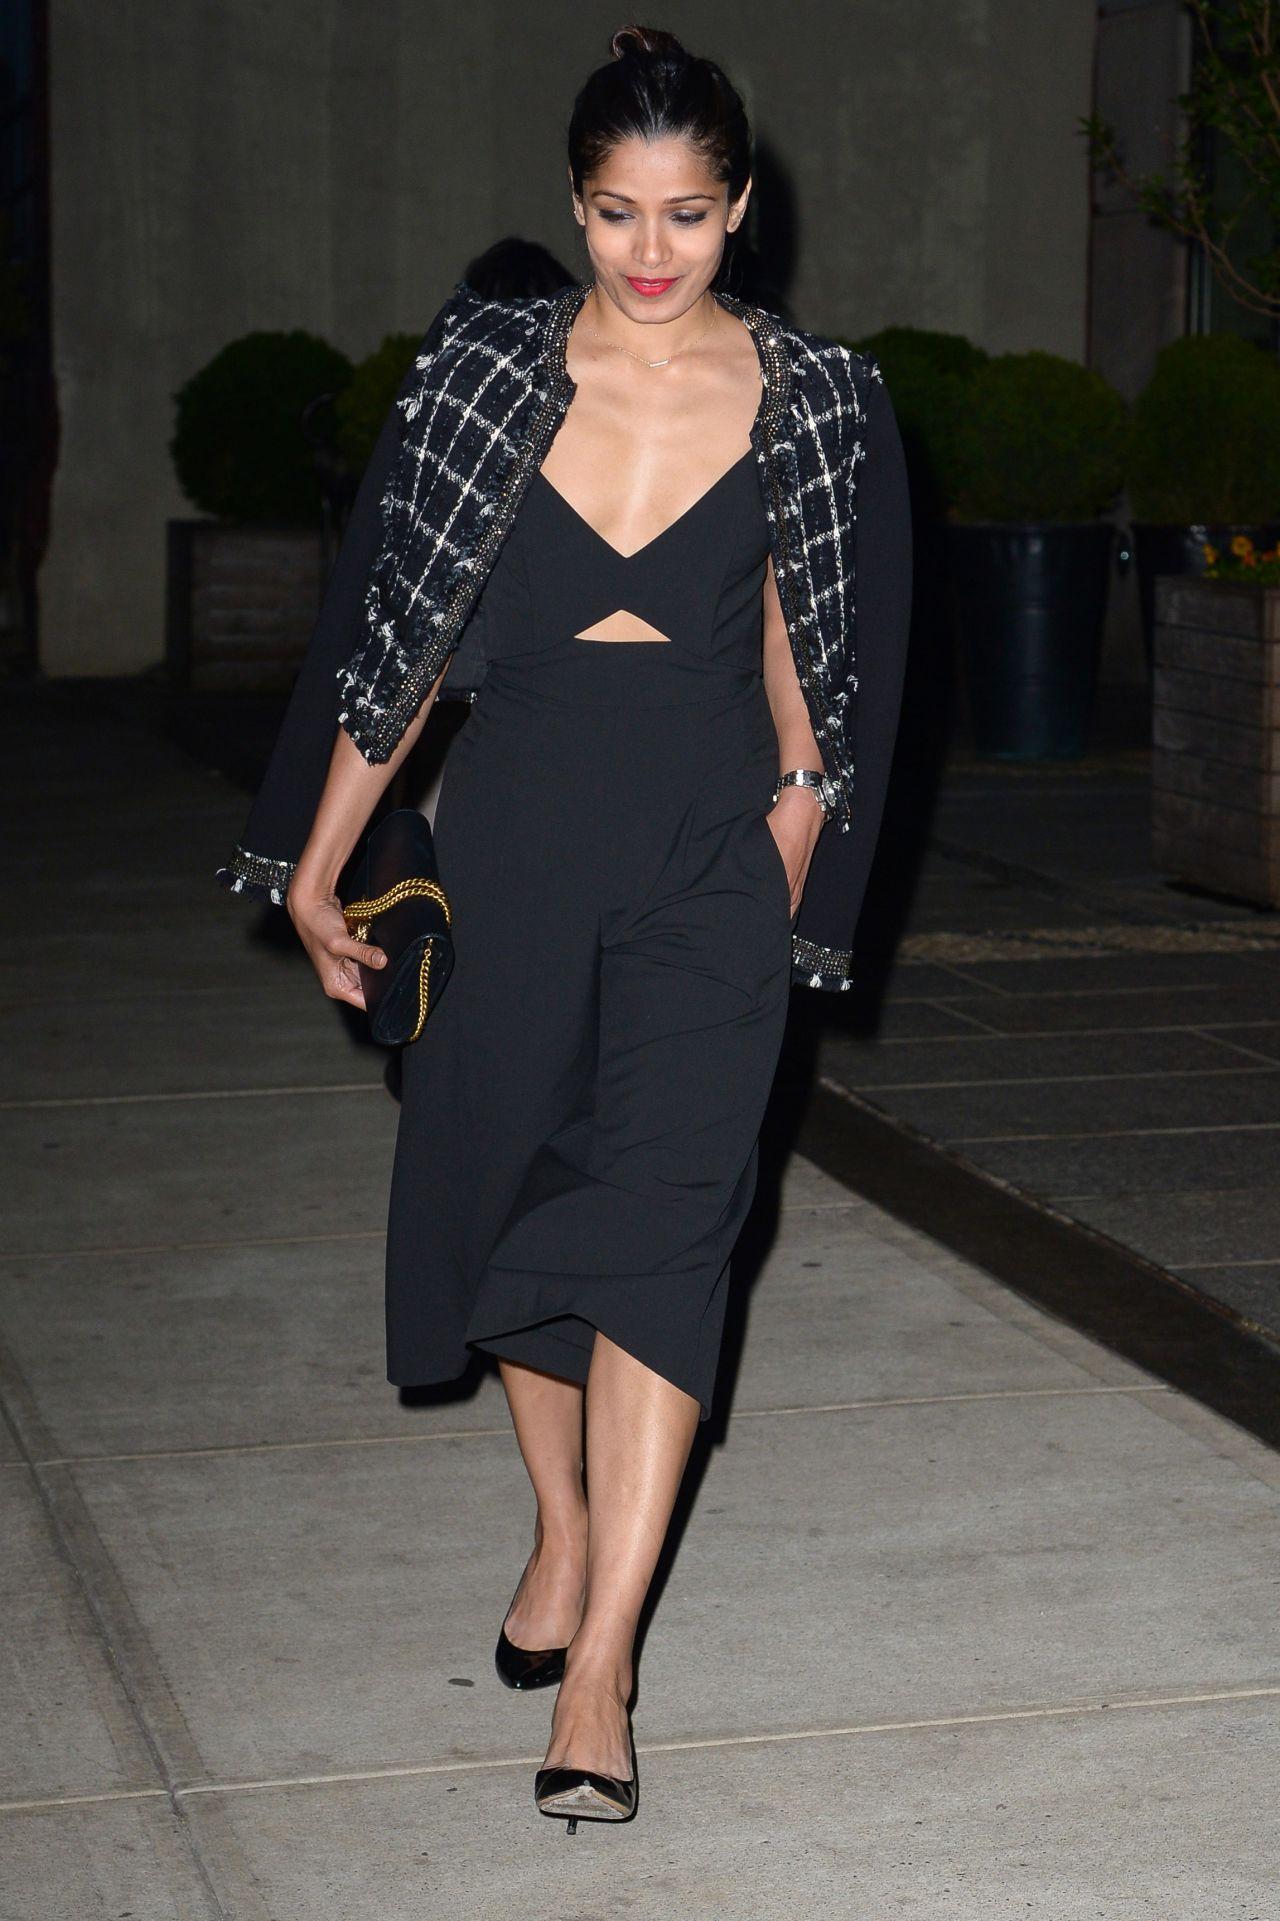 Freida Pinto Looking Elegant - Out in Manhattan 4/30/2016 Freida Pinto